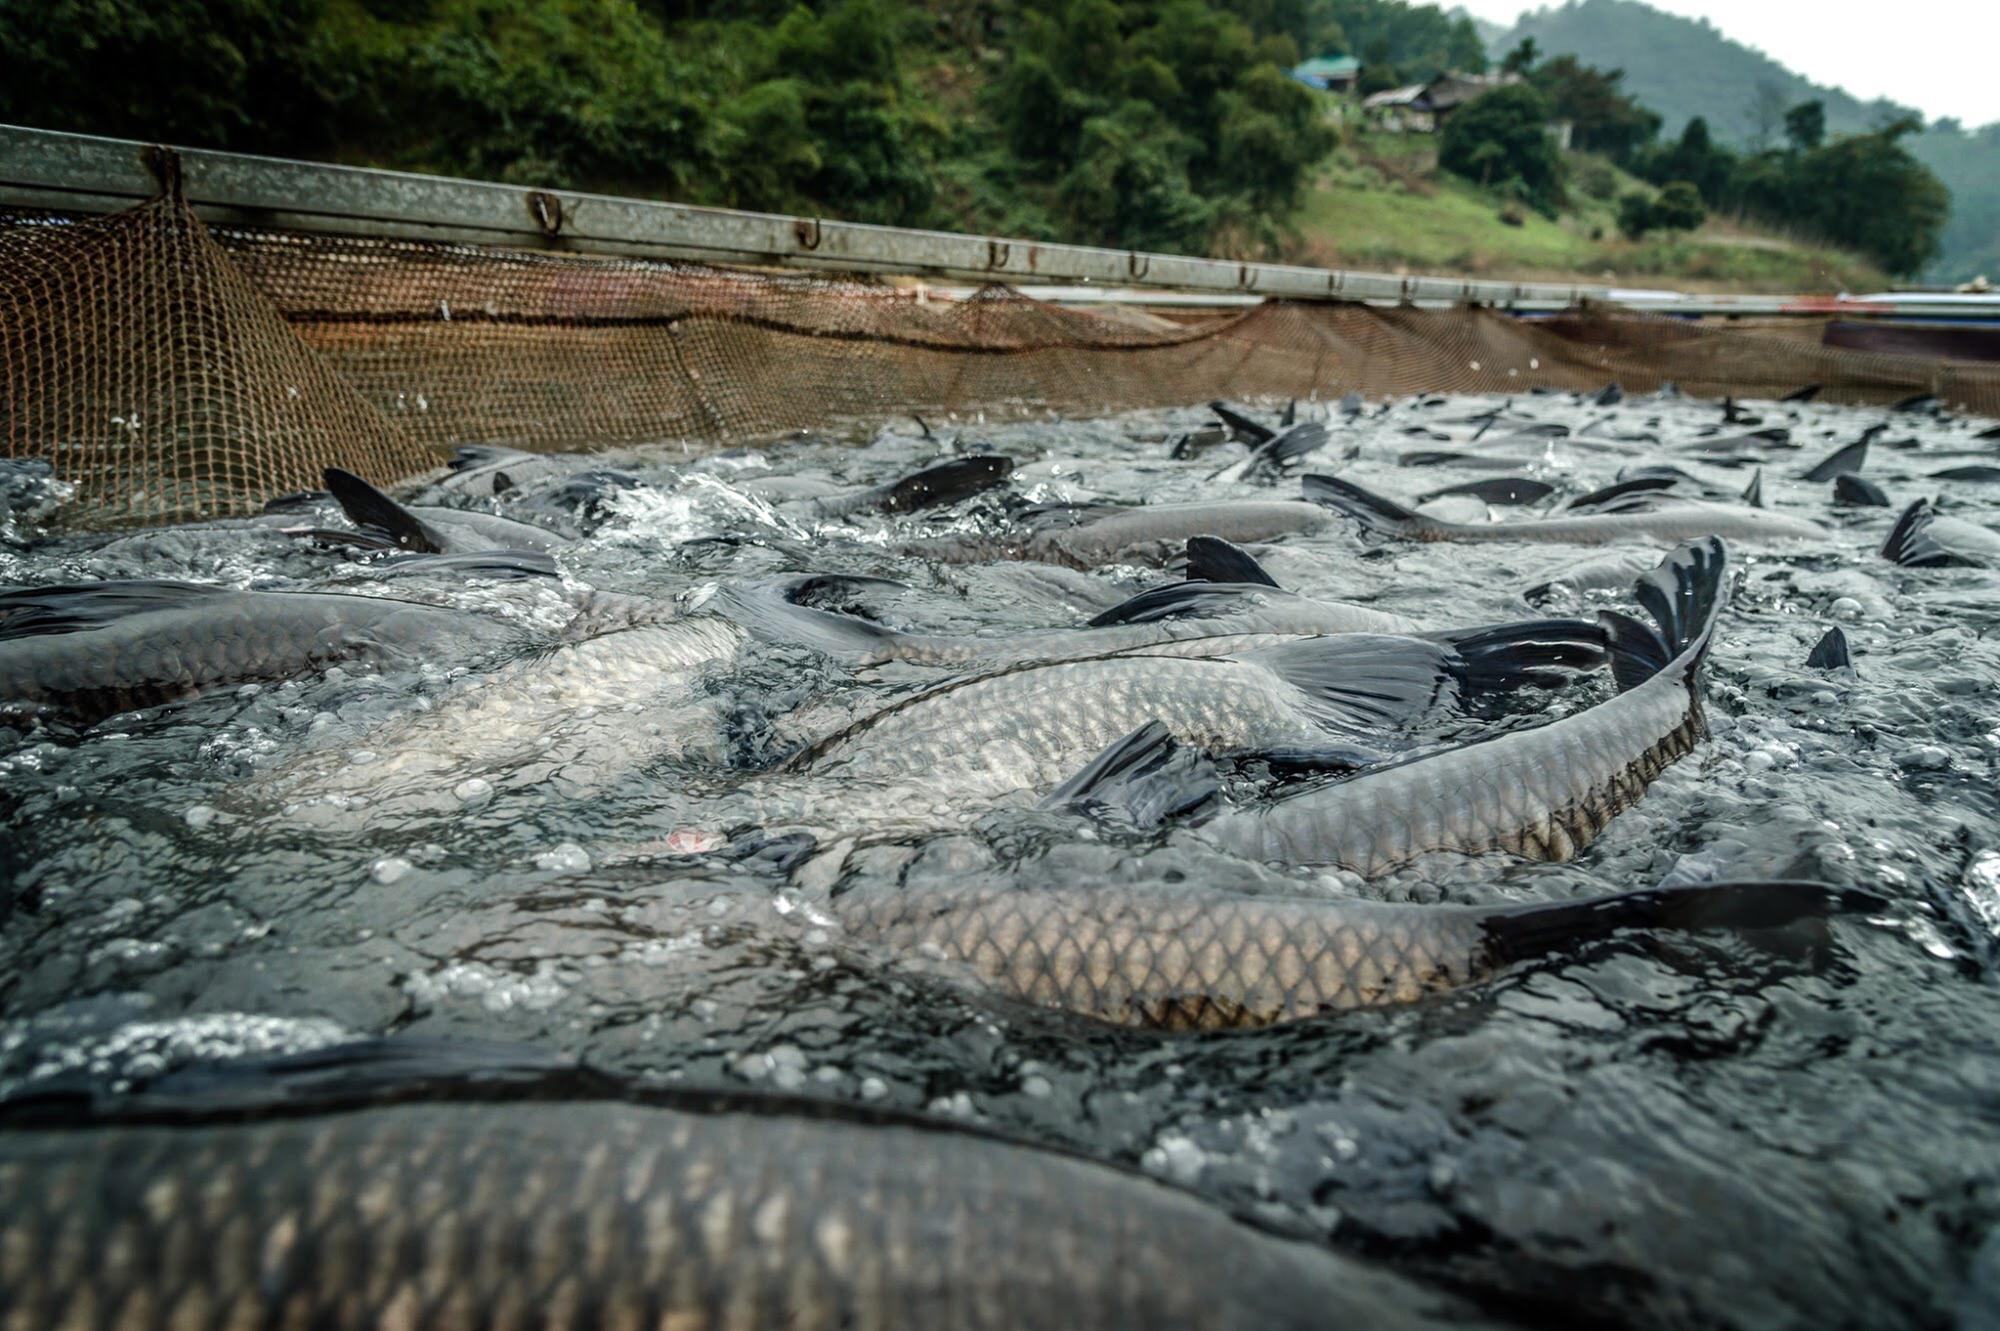 Sử dụng đến 9 tỷ mét khối nước nuôi cá, nông dân Hòa Bình trúng lớn - Ảnh 3.